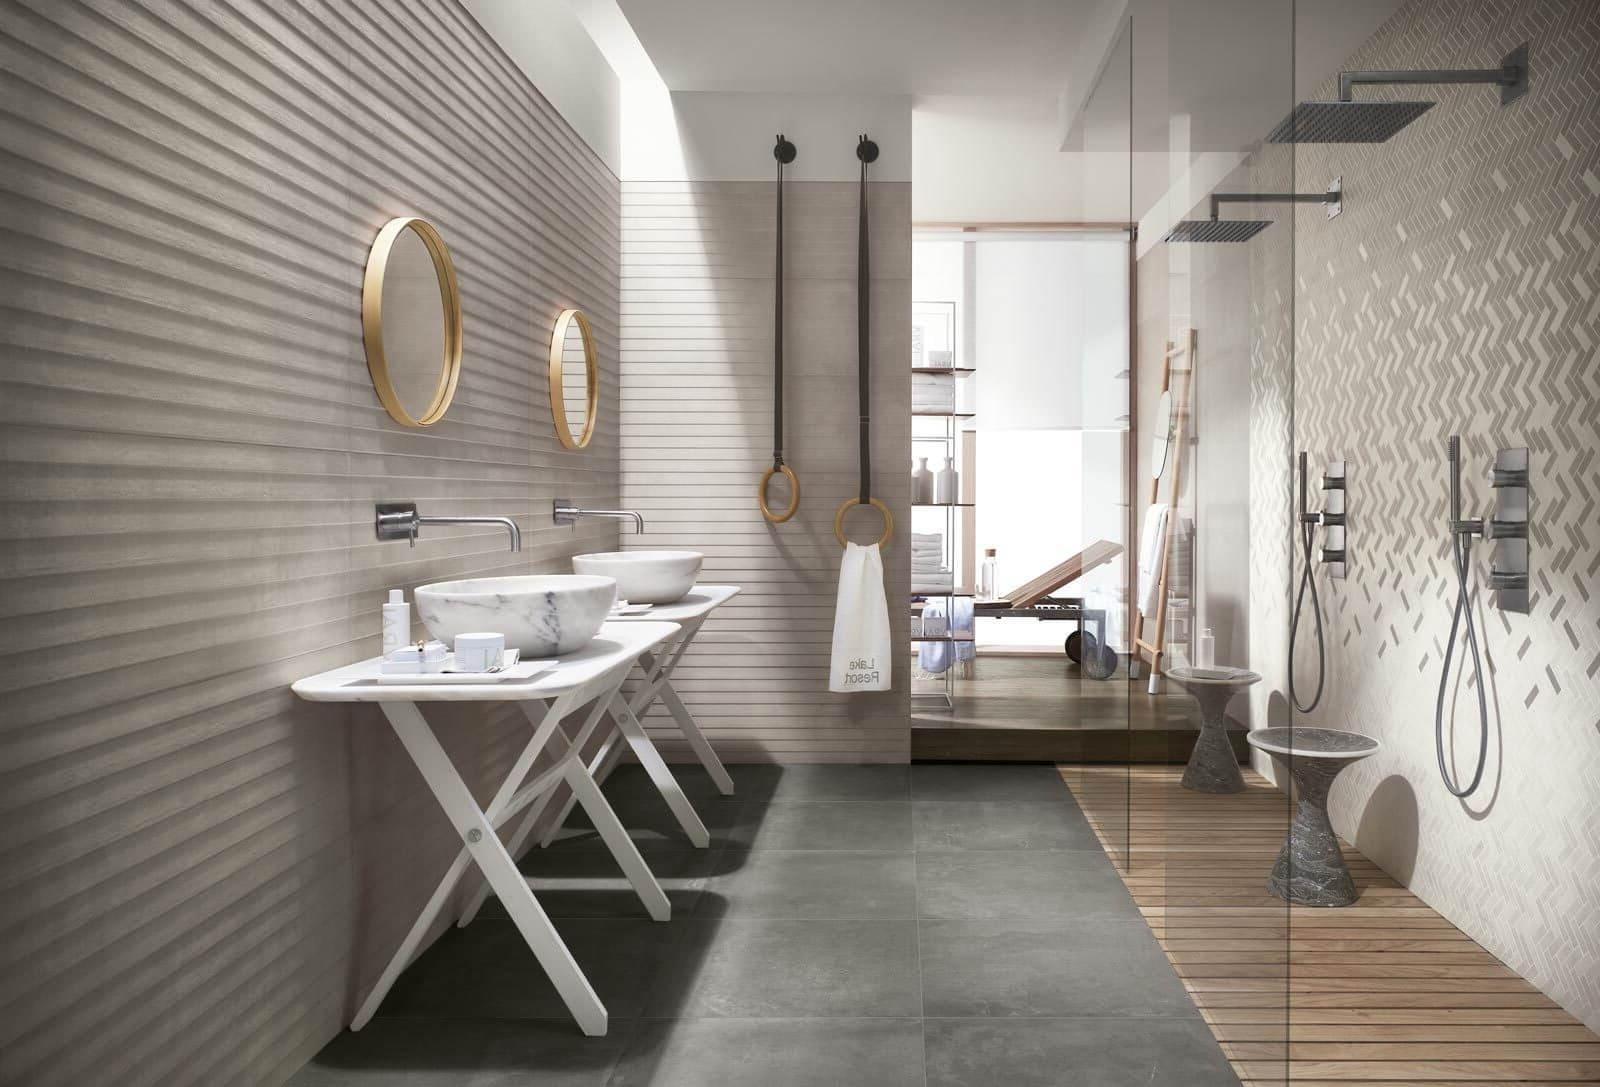 Ragno marazzi плитка в ванную